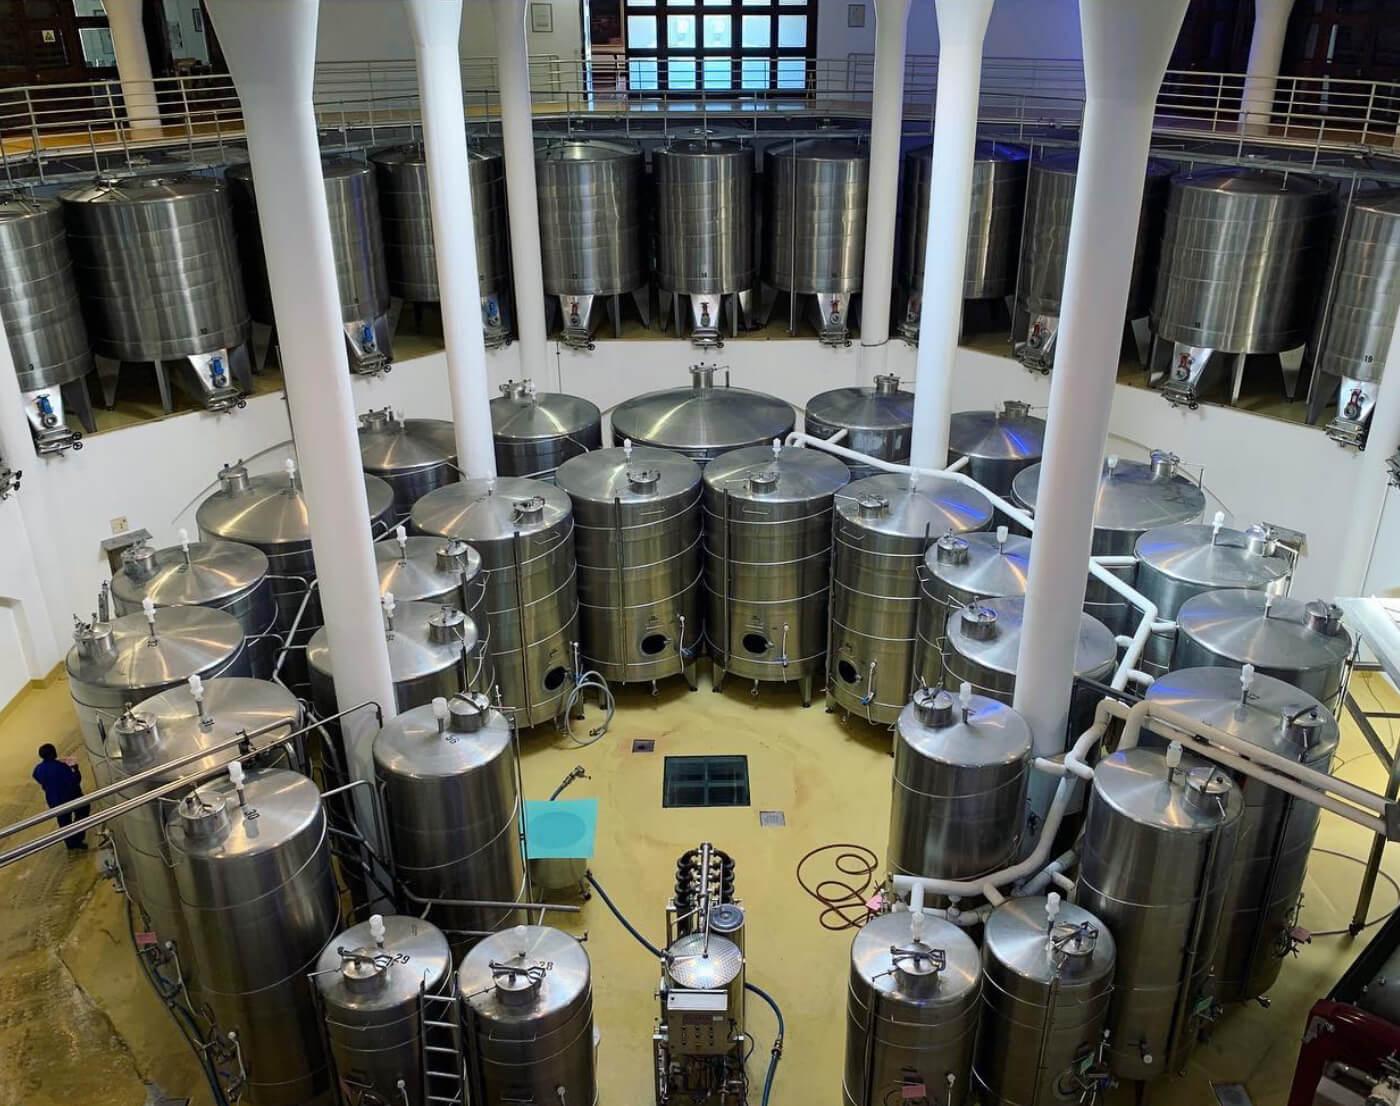 Wine tanks at the Vergelegen cellar